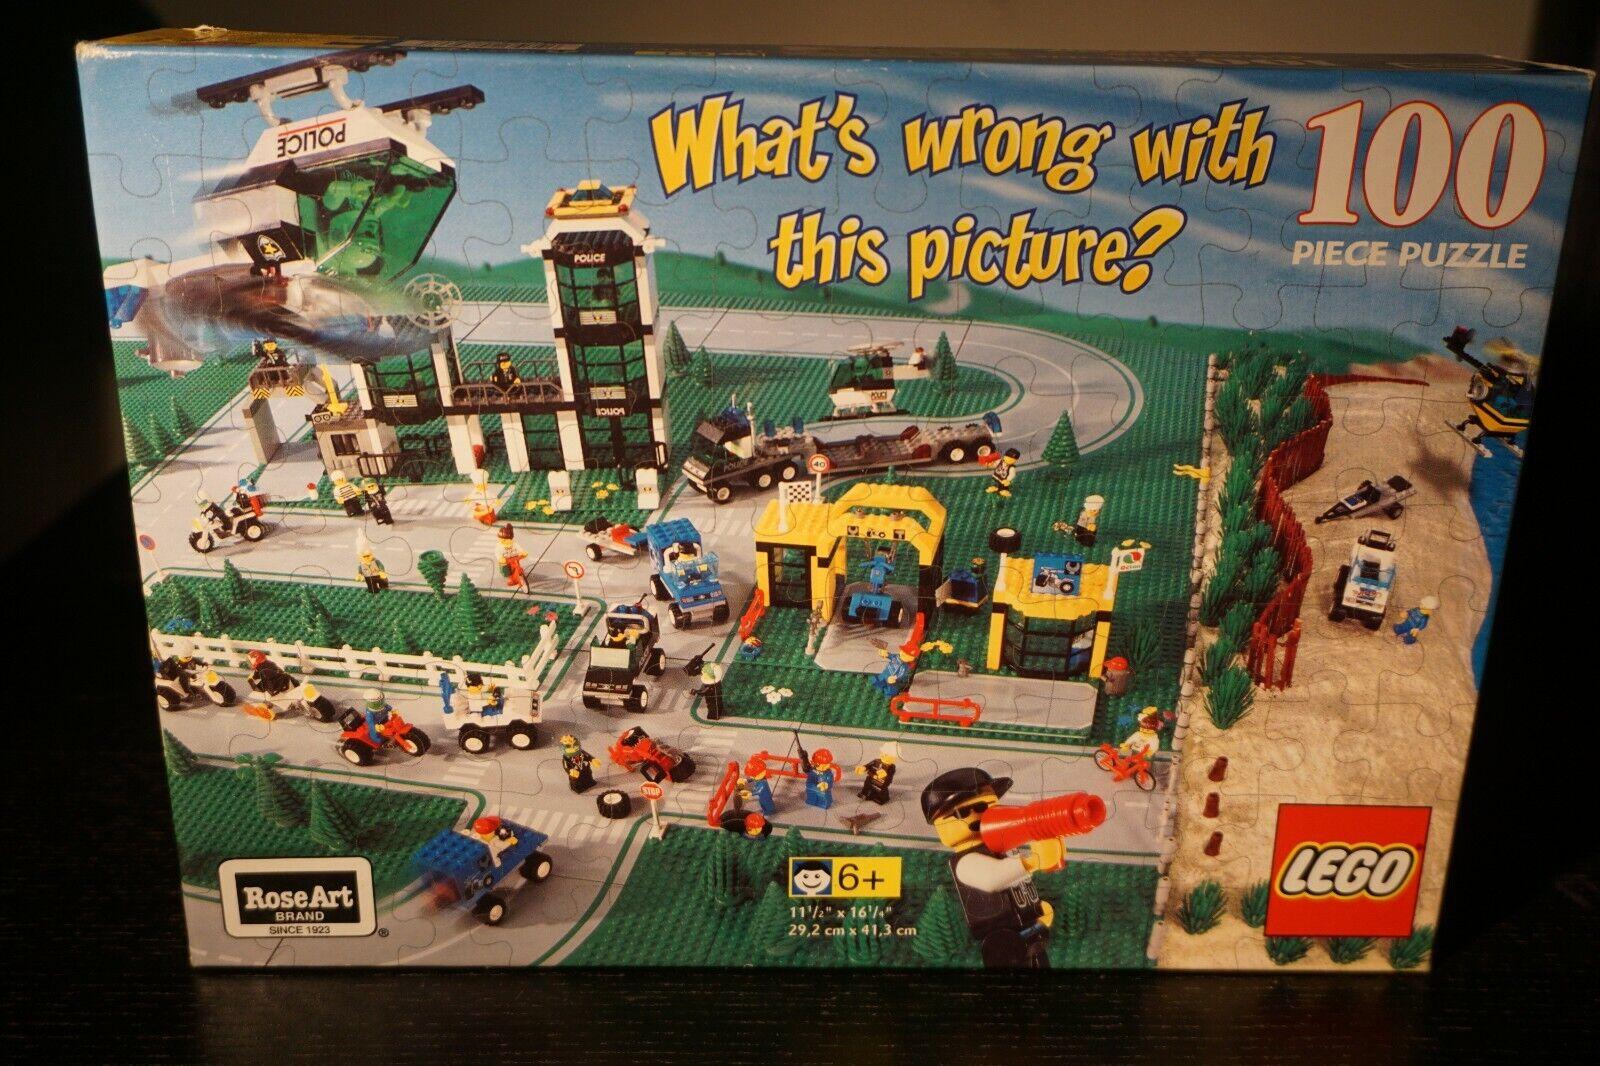 Vintage Lego quel est le problème avec  cette photo 100 Piece Jigsaw Puzzle RARE nouveau  40% de réduction